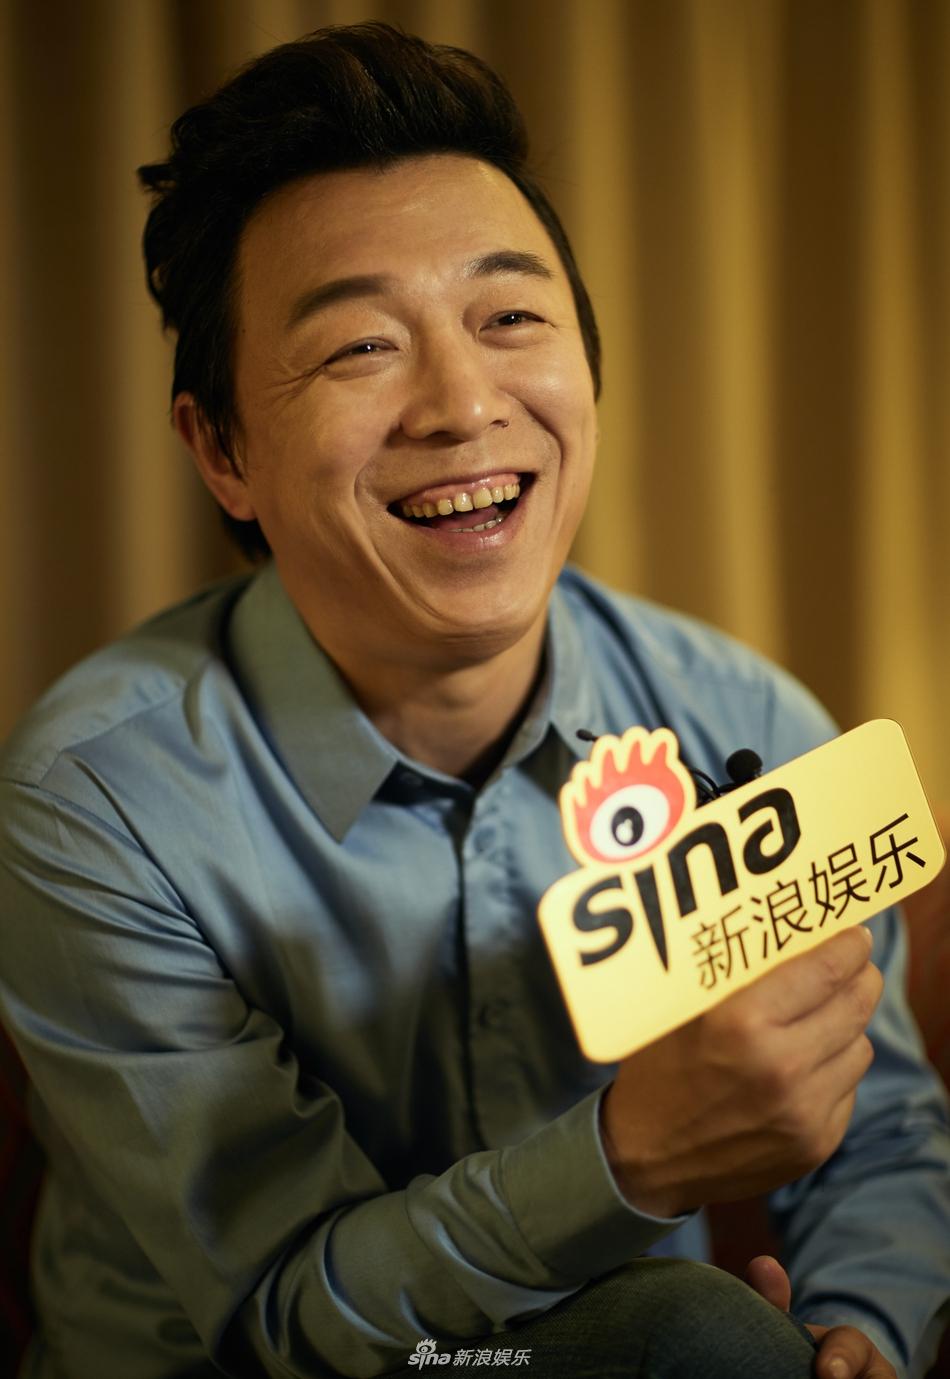 娱乐讯 11月25日,第54届金马奖颁奖典礼前,黄渤接受新浪娱乐专